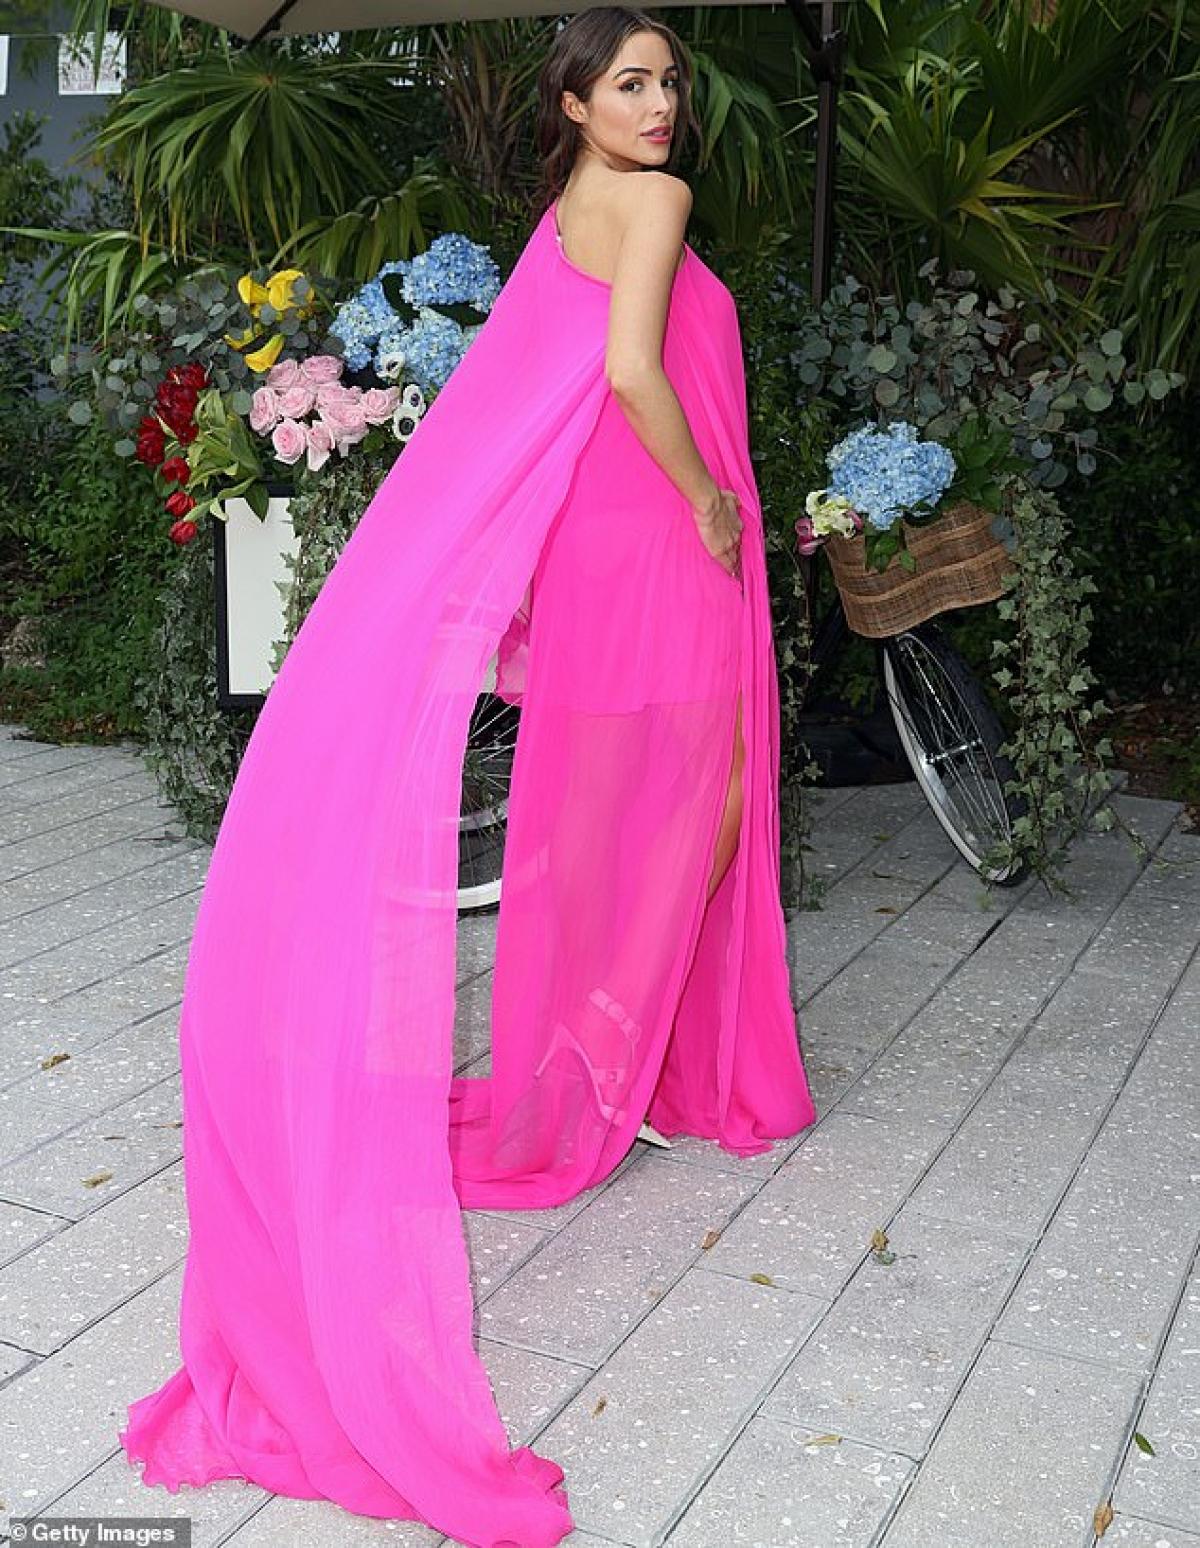 Hoa hậu Hoàn vũ 2012 sở hữu làn da rám nắng và vóc dáng thanh mảnh, cuốn hút.